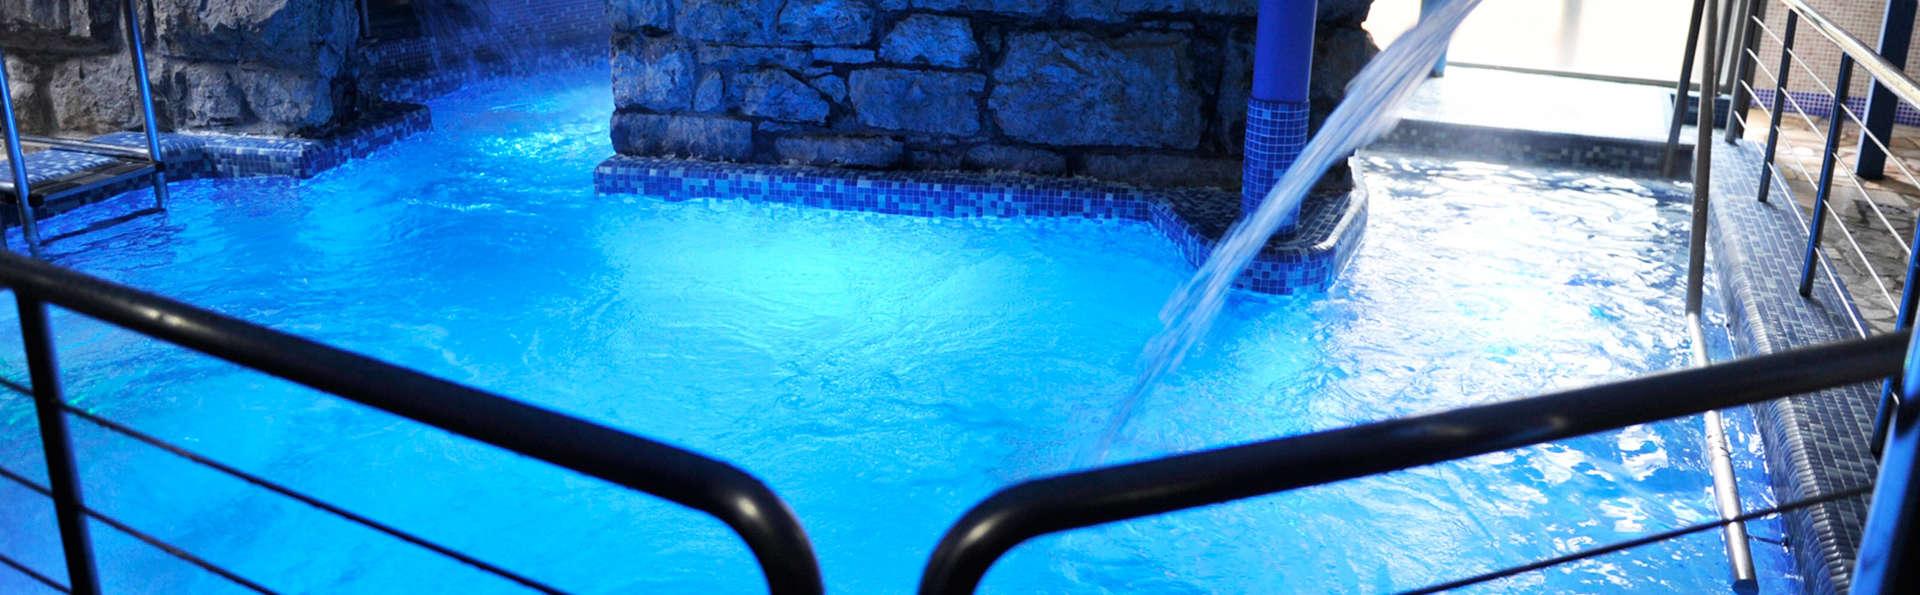 Bienestar total con piscina termal, tratamiento de envoltura corporal y vaporarium (desde 2 noches)